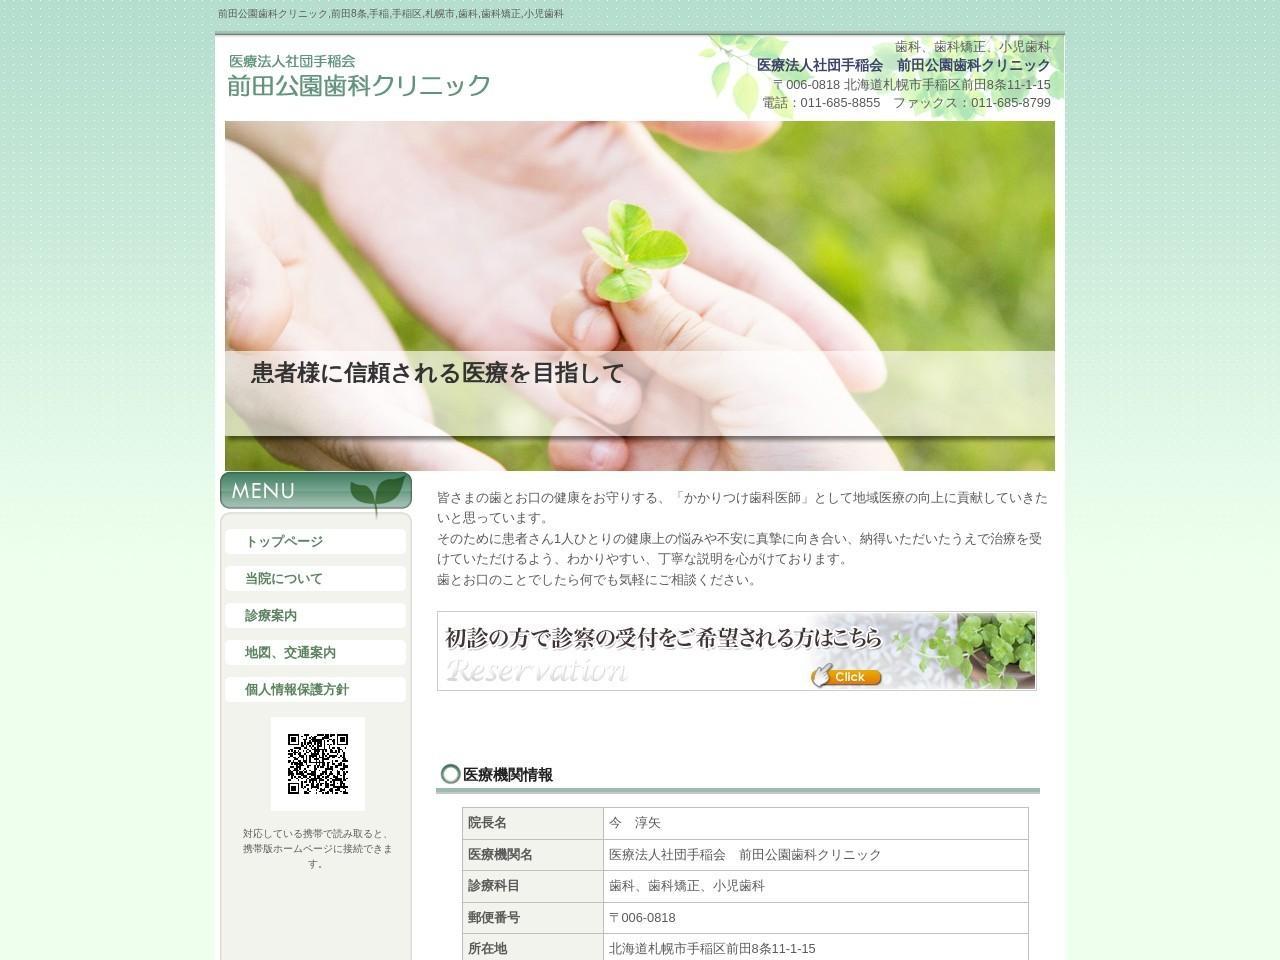 医療法人社団手稲会  前田公園歯科クリニック (北海道札幌市手稲区)